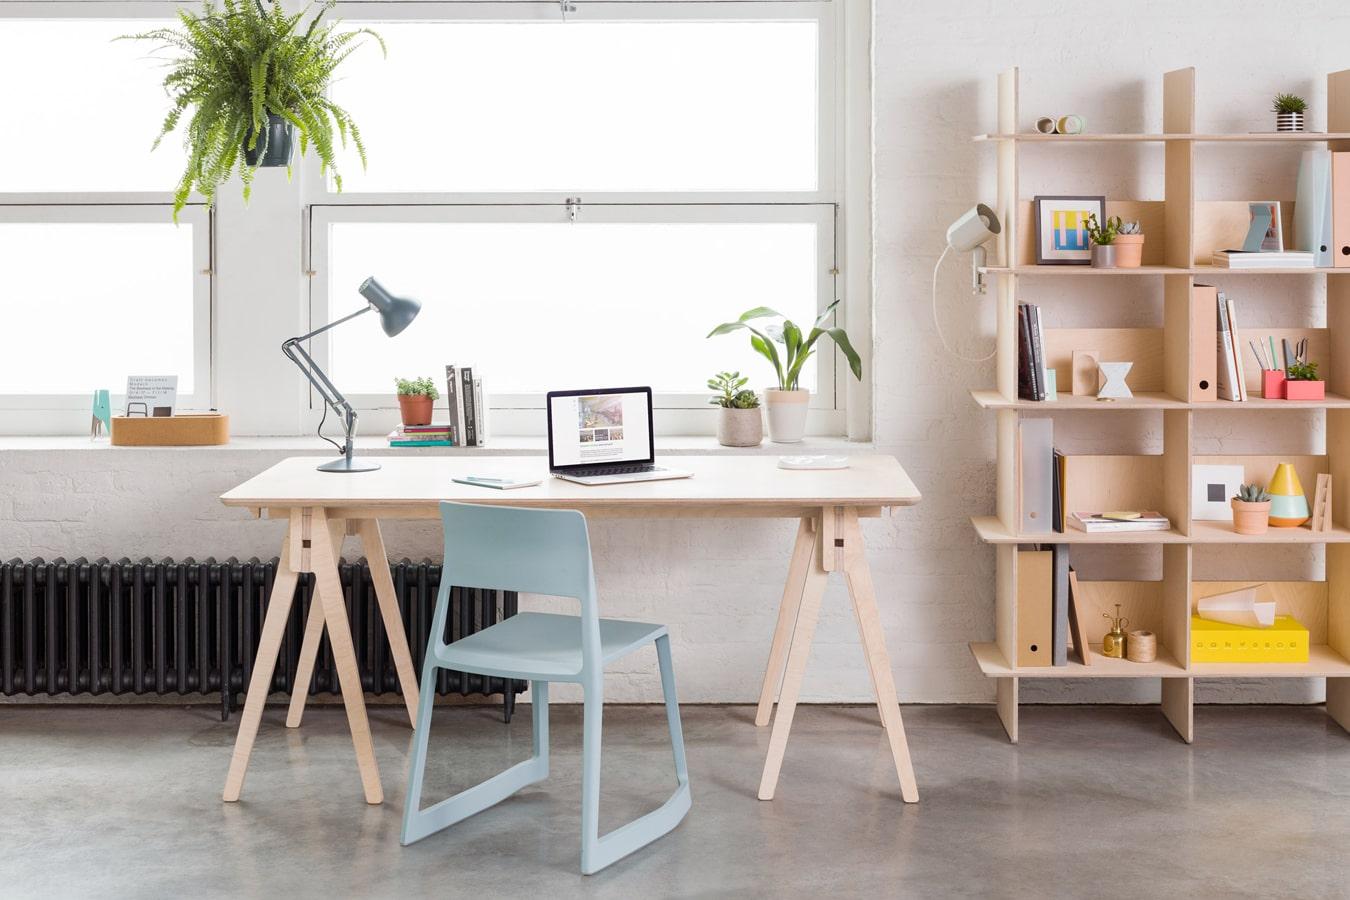 Ventajas de utilizar mesas plegables para la decoración de tu hogar